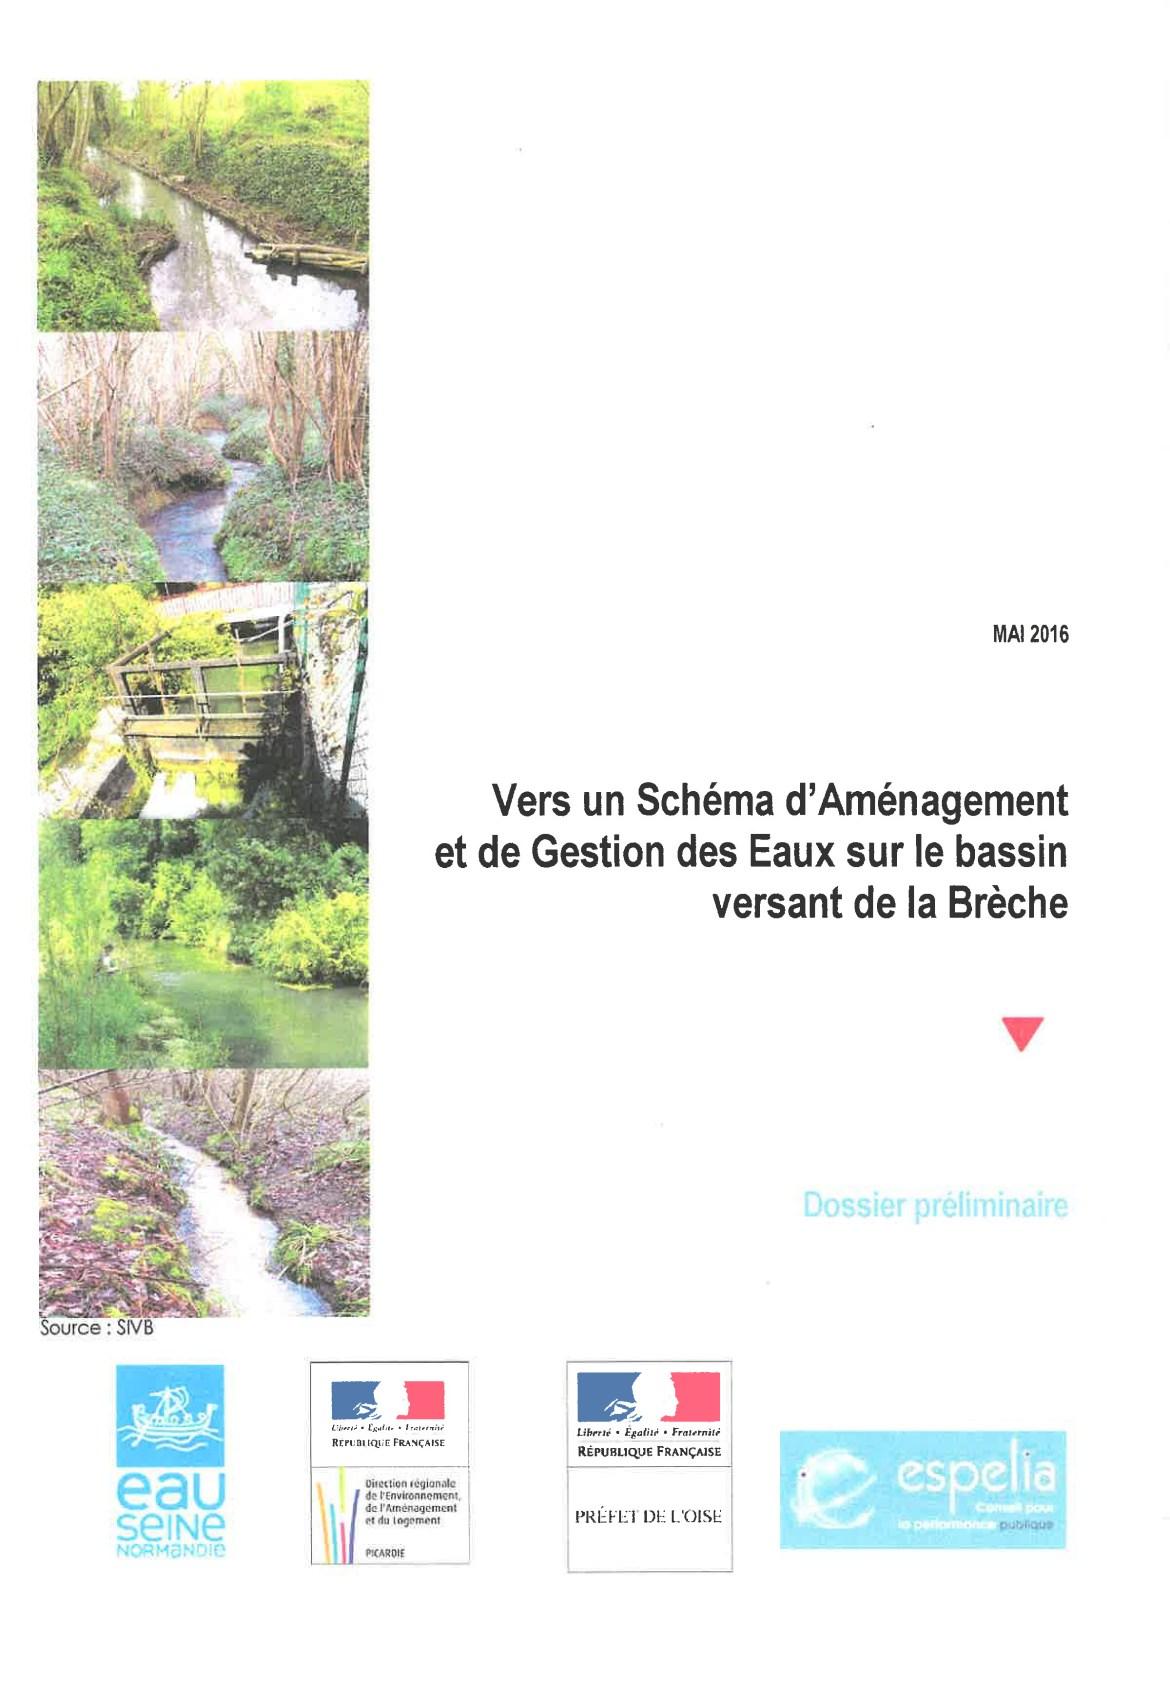 Schéma d'aménagement et de gestion des eaux (Sage) versant de la Brèche - dossier de présentation - mai 2016